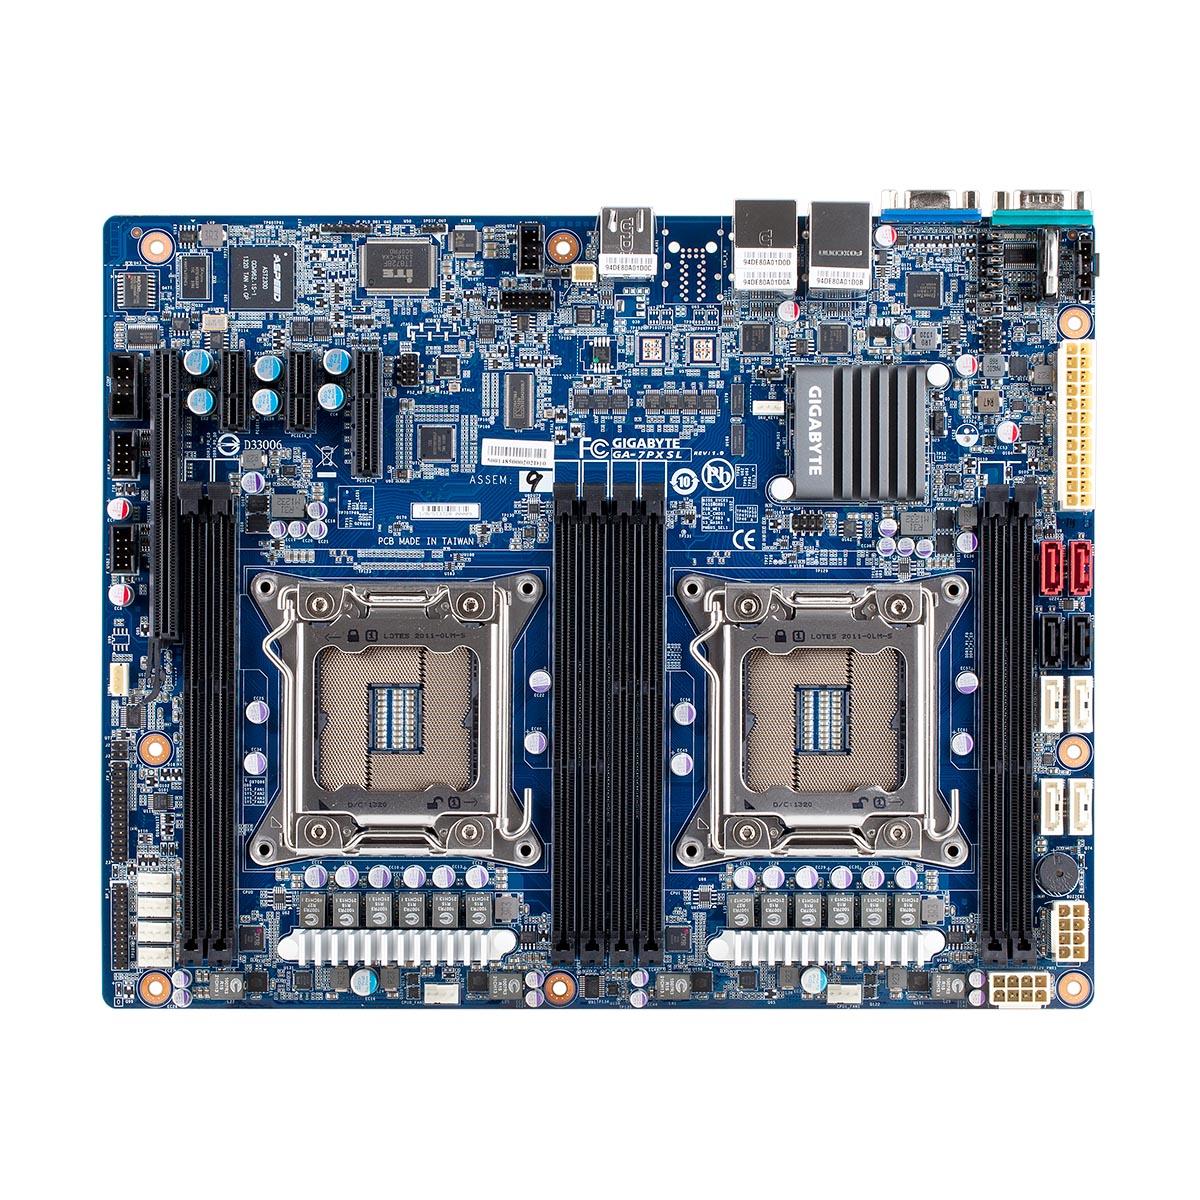 Carte mère Gigabyte GA-7PXSL Carte mère ATX 2x Socket 2011 Intel C602 - SAS Gb/s - SATA 6Gb/s - 1x PCI Express 3.0 16x - 2x Gigabit LAN